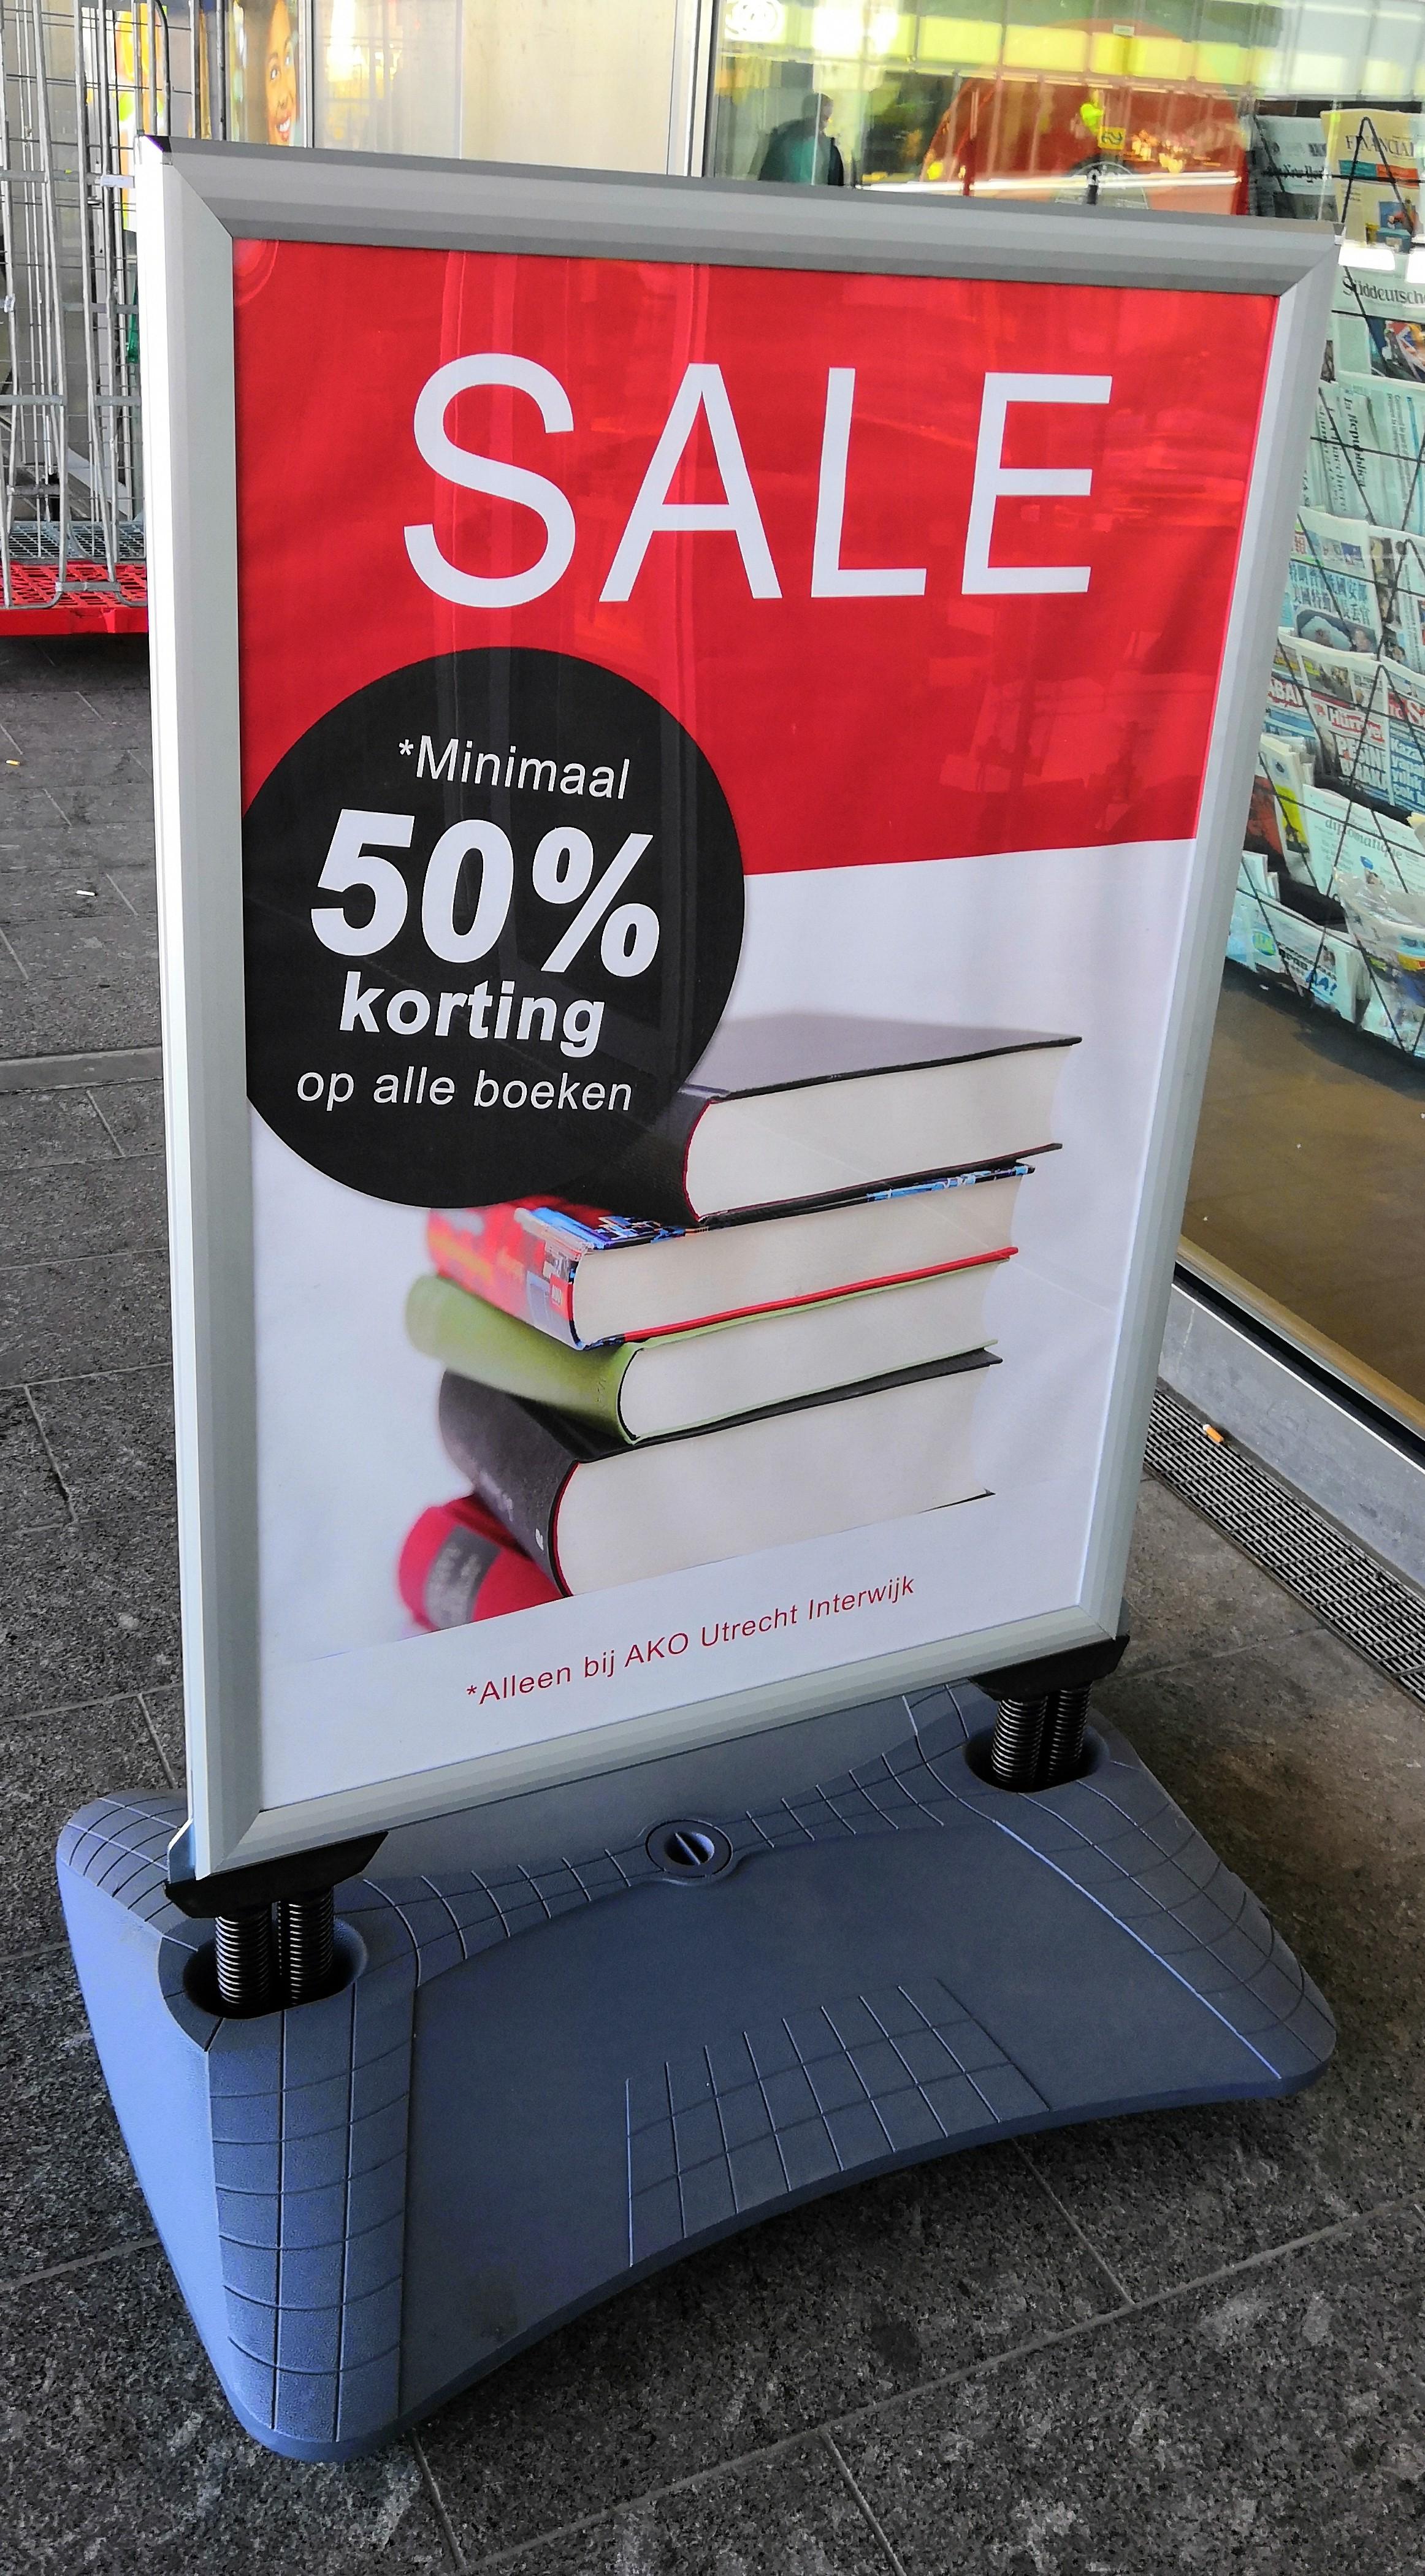 [Utrecht CS] minimaal 50% korting op boeken @Ako